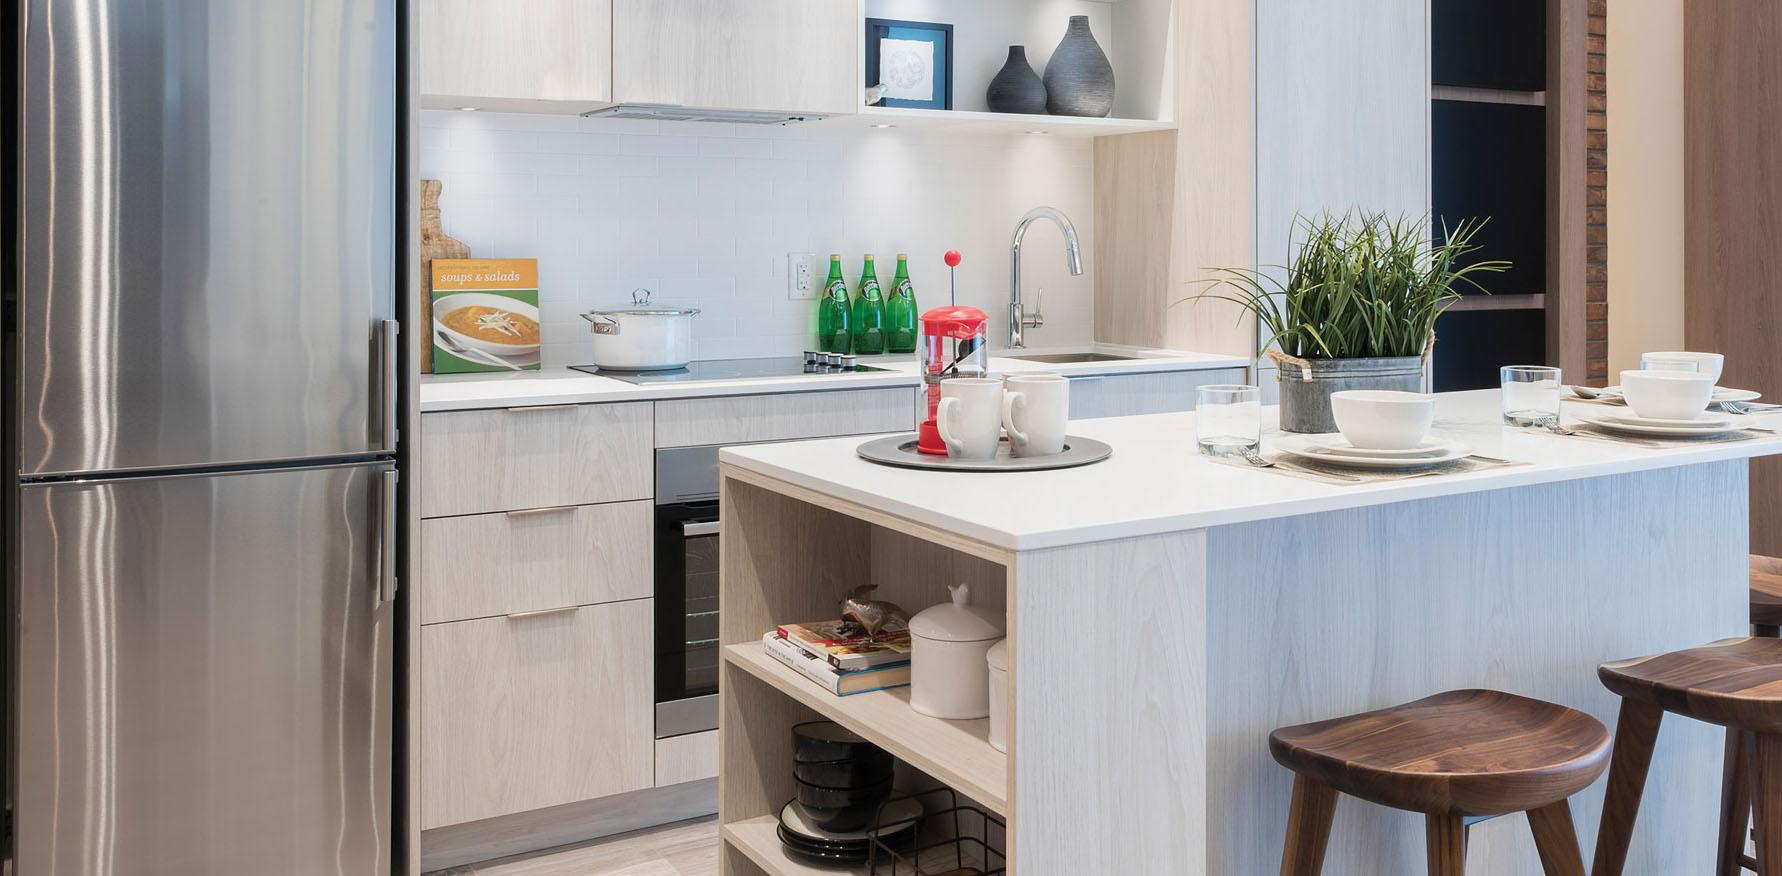 kitchen-image-1.jpg